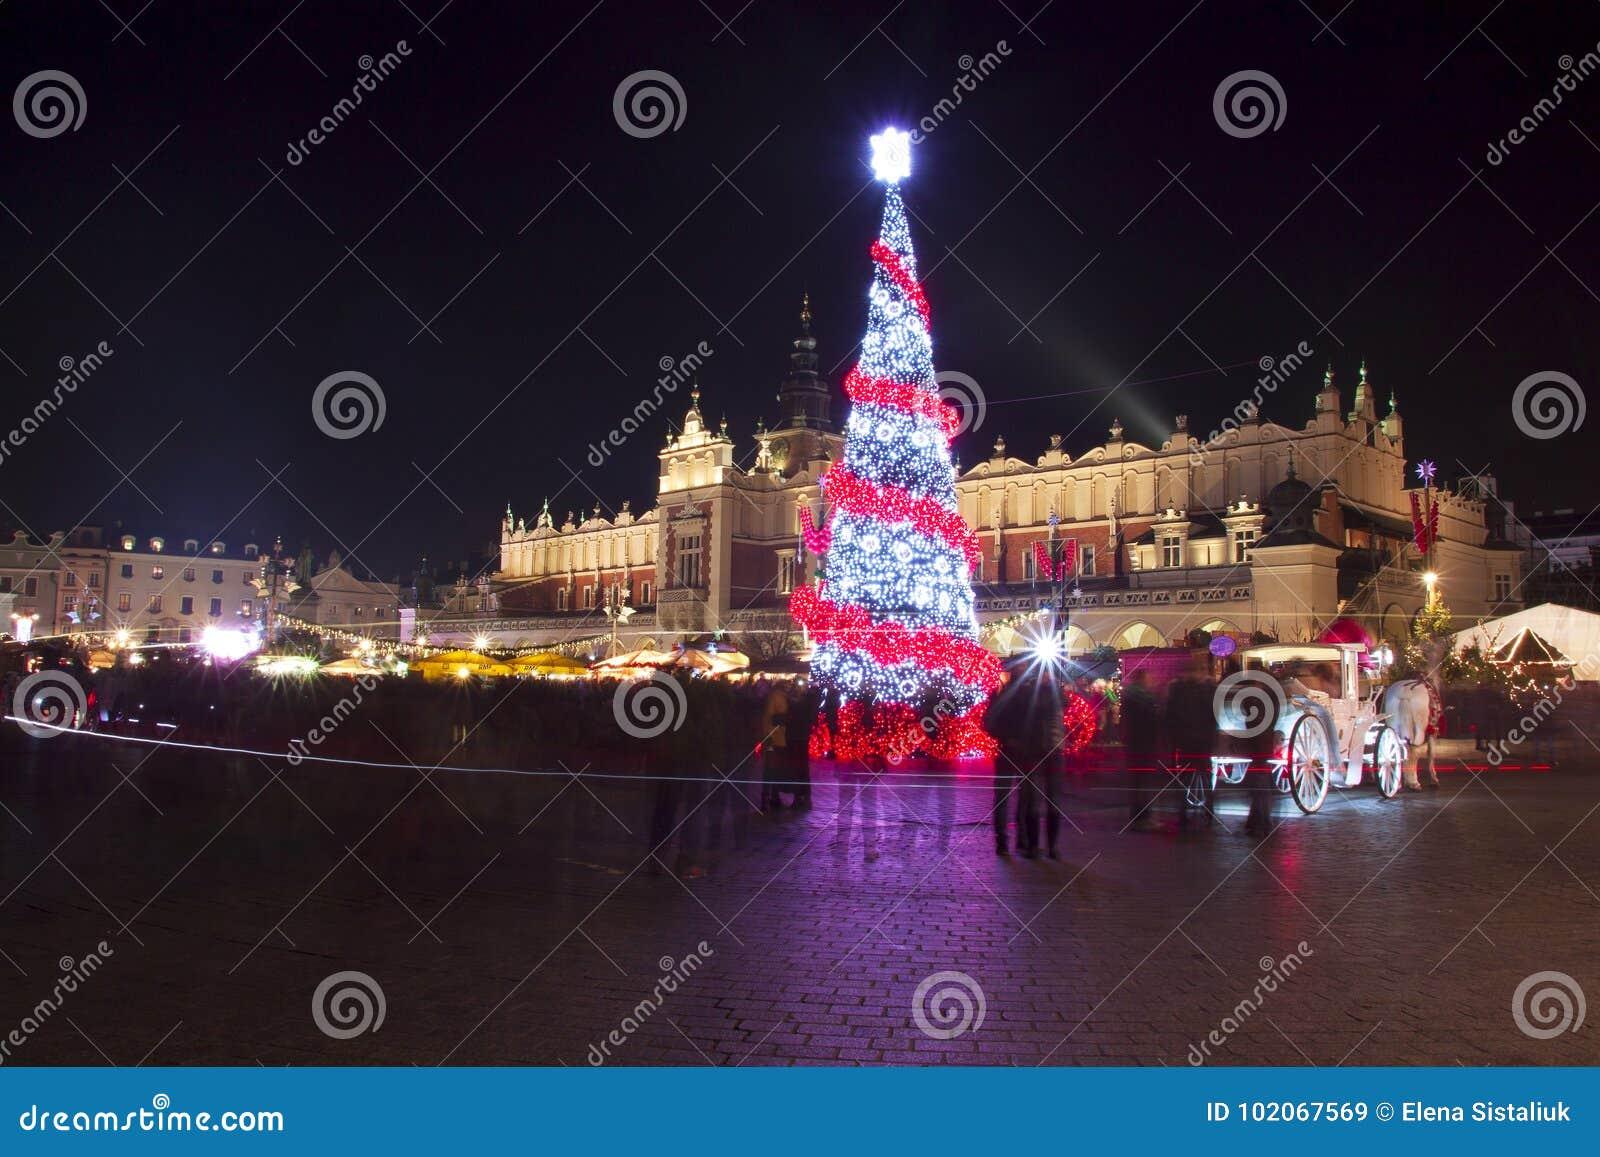 Polonia, Kraków, plaza del mercado principal y paño Pasillo en invierno, durante las ferias de la Navidad adornadas con el árbol